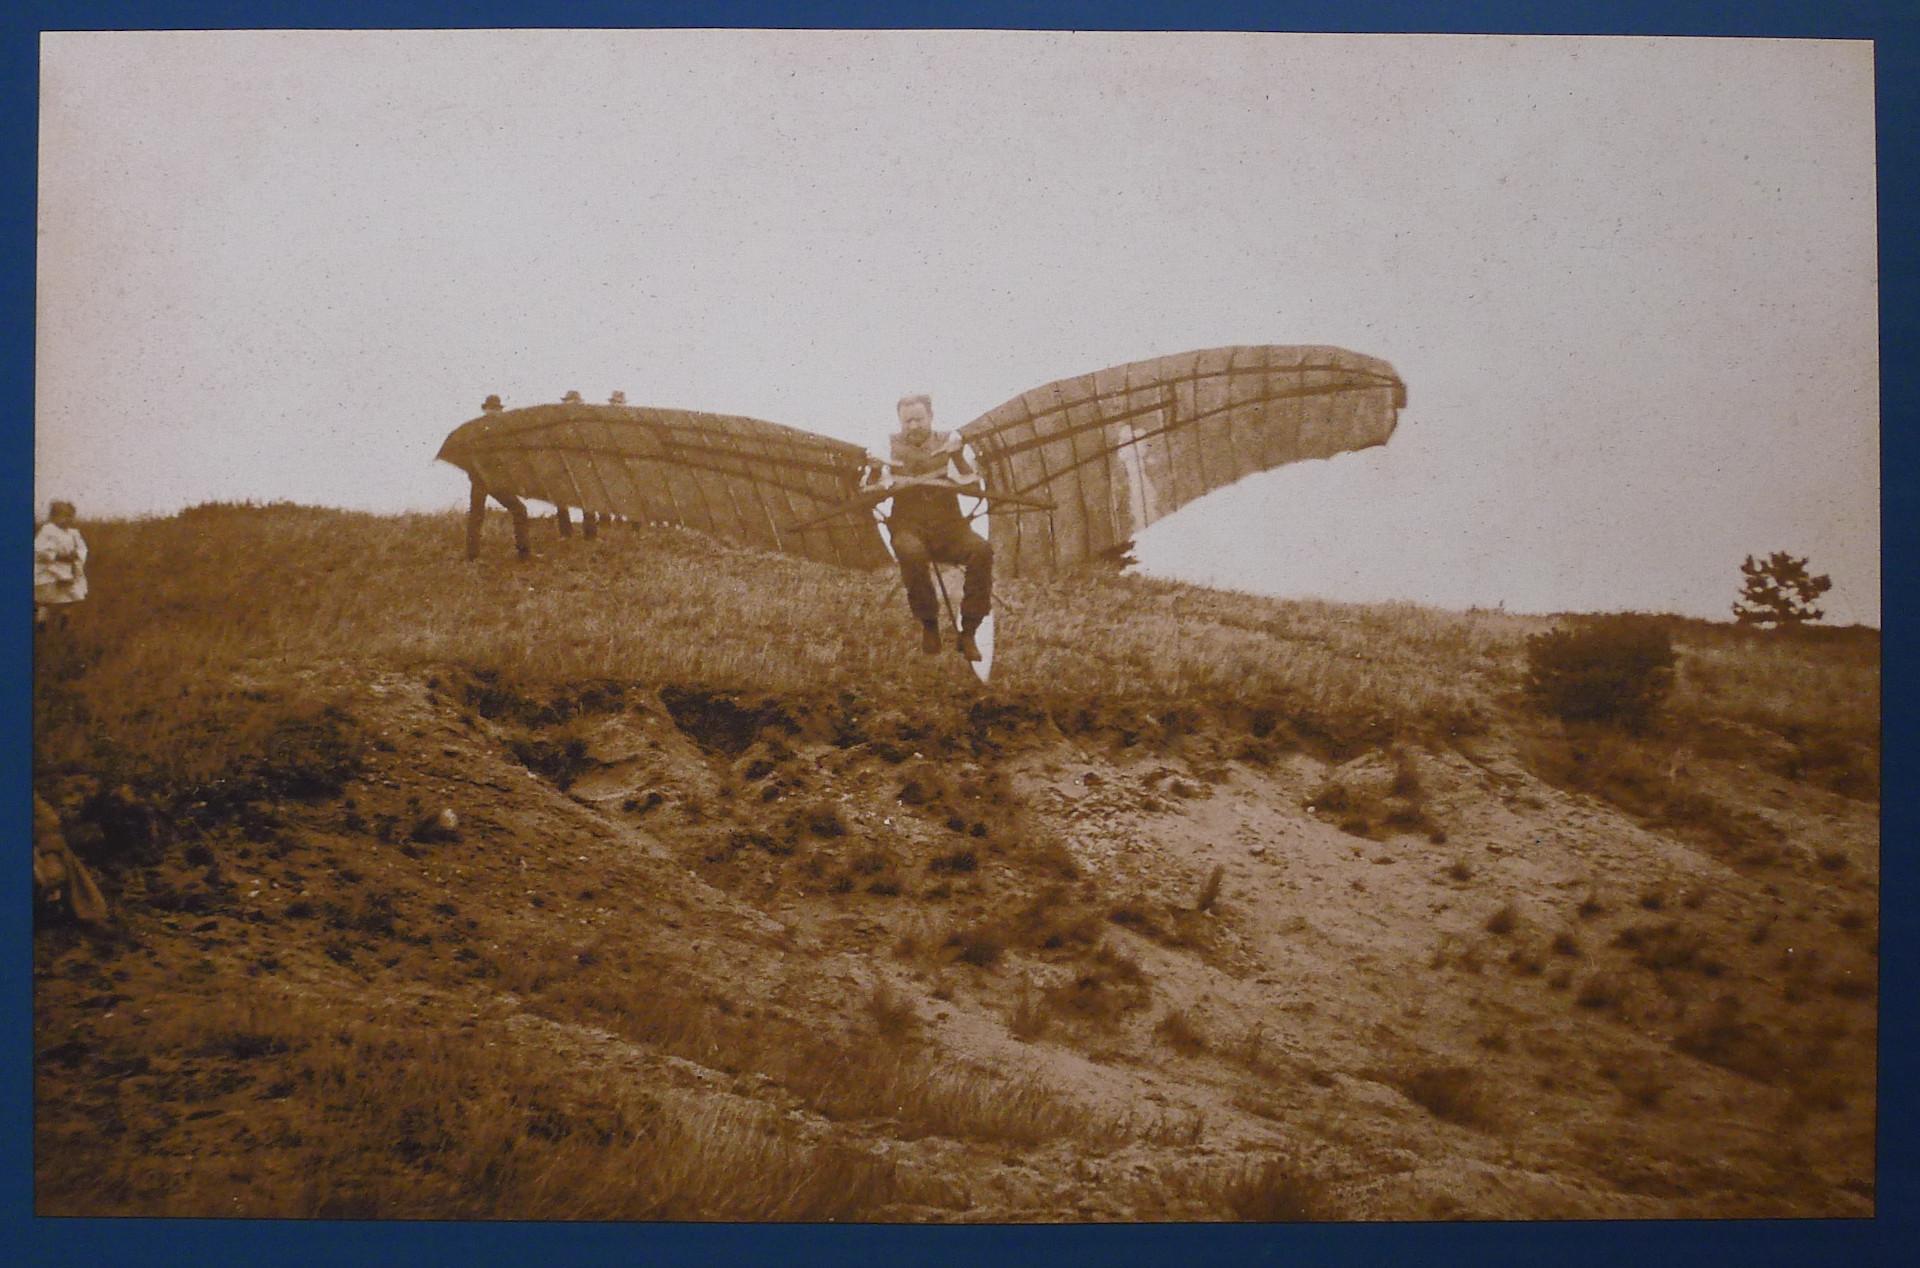 Flugversuch am 27. September 1891 in Derwitz [Originalfoto: Carl Kassner]